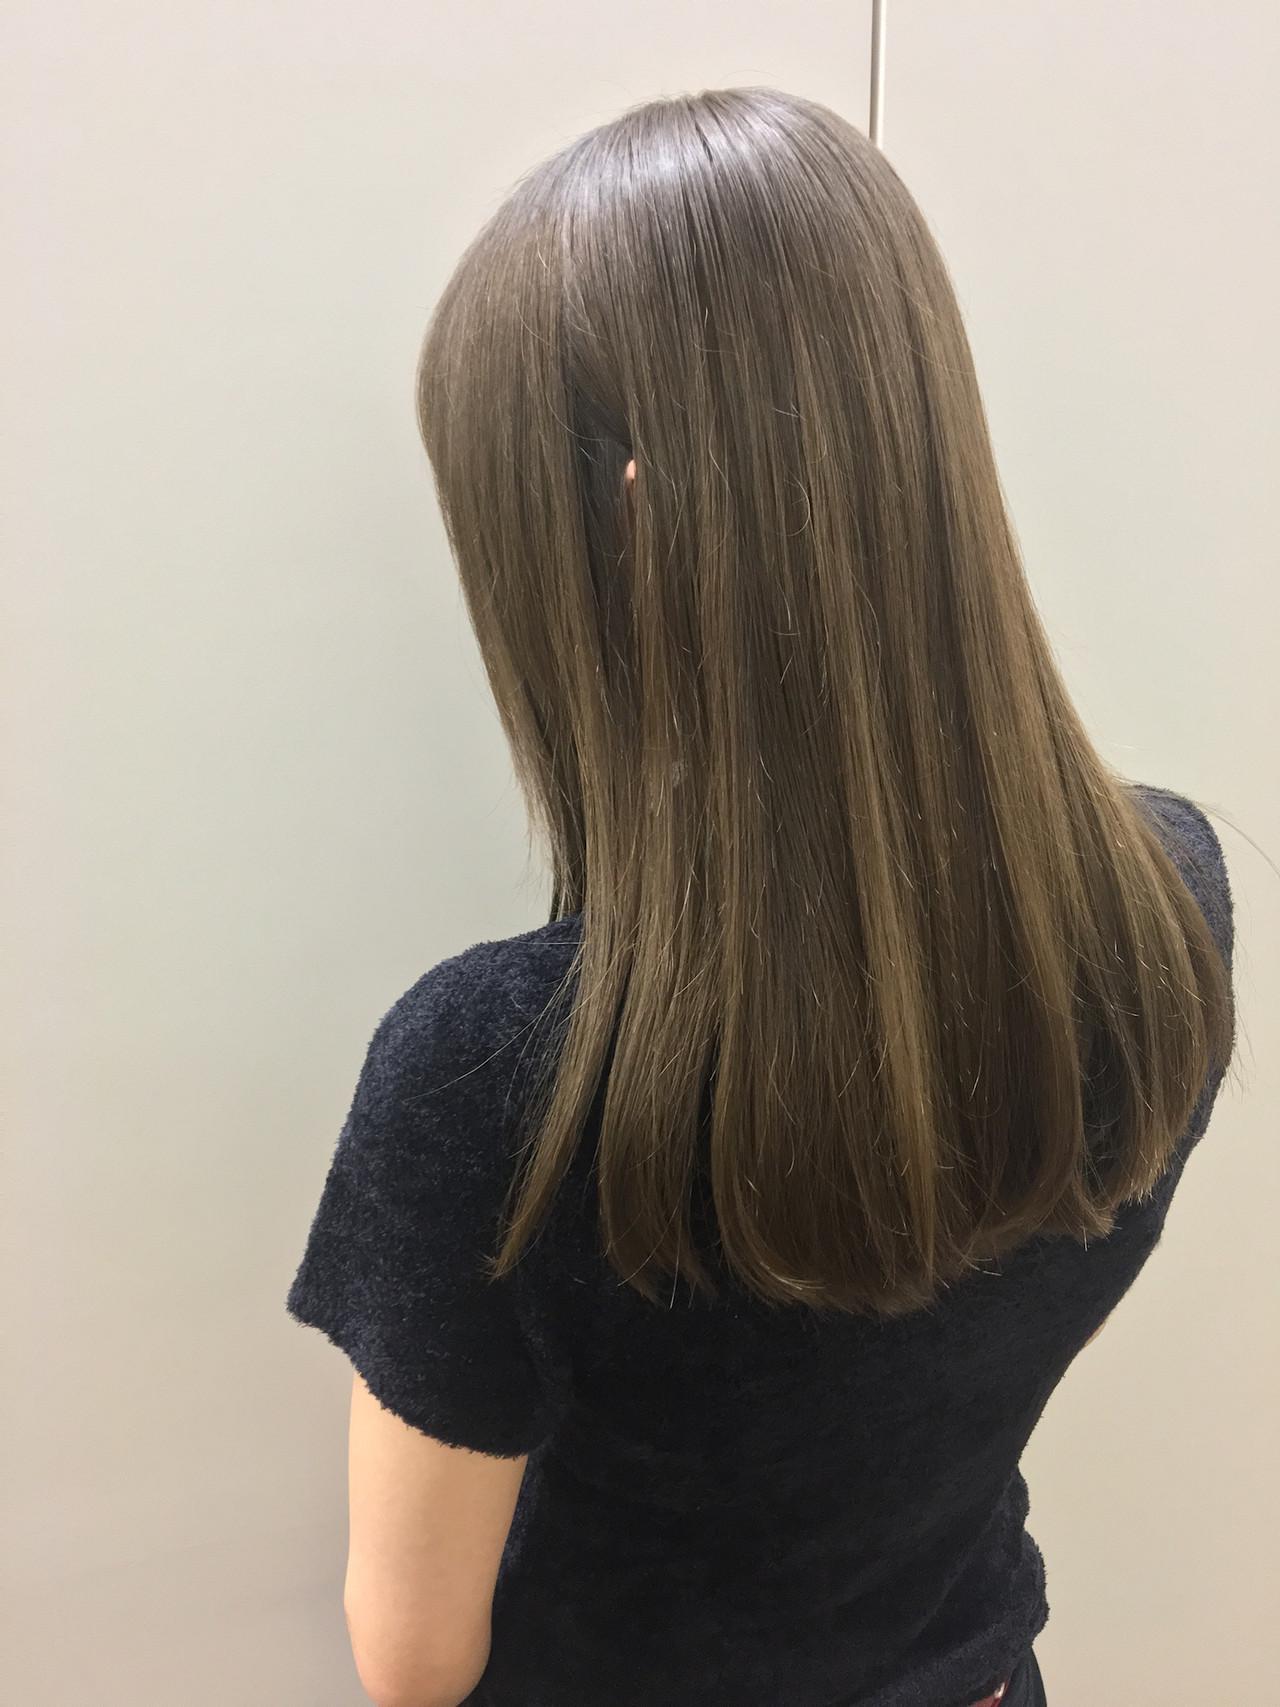 圧倒的透明感 髪質改善トリートメント 髪質改善カラー ロング ヘアスタイルや髪型の写真・画像